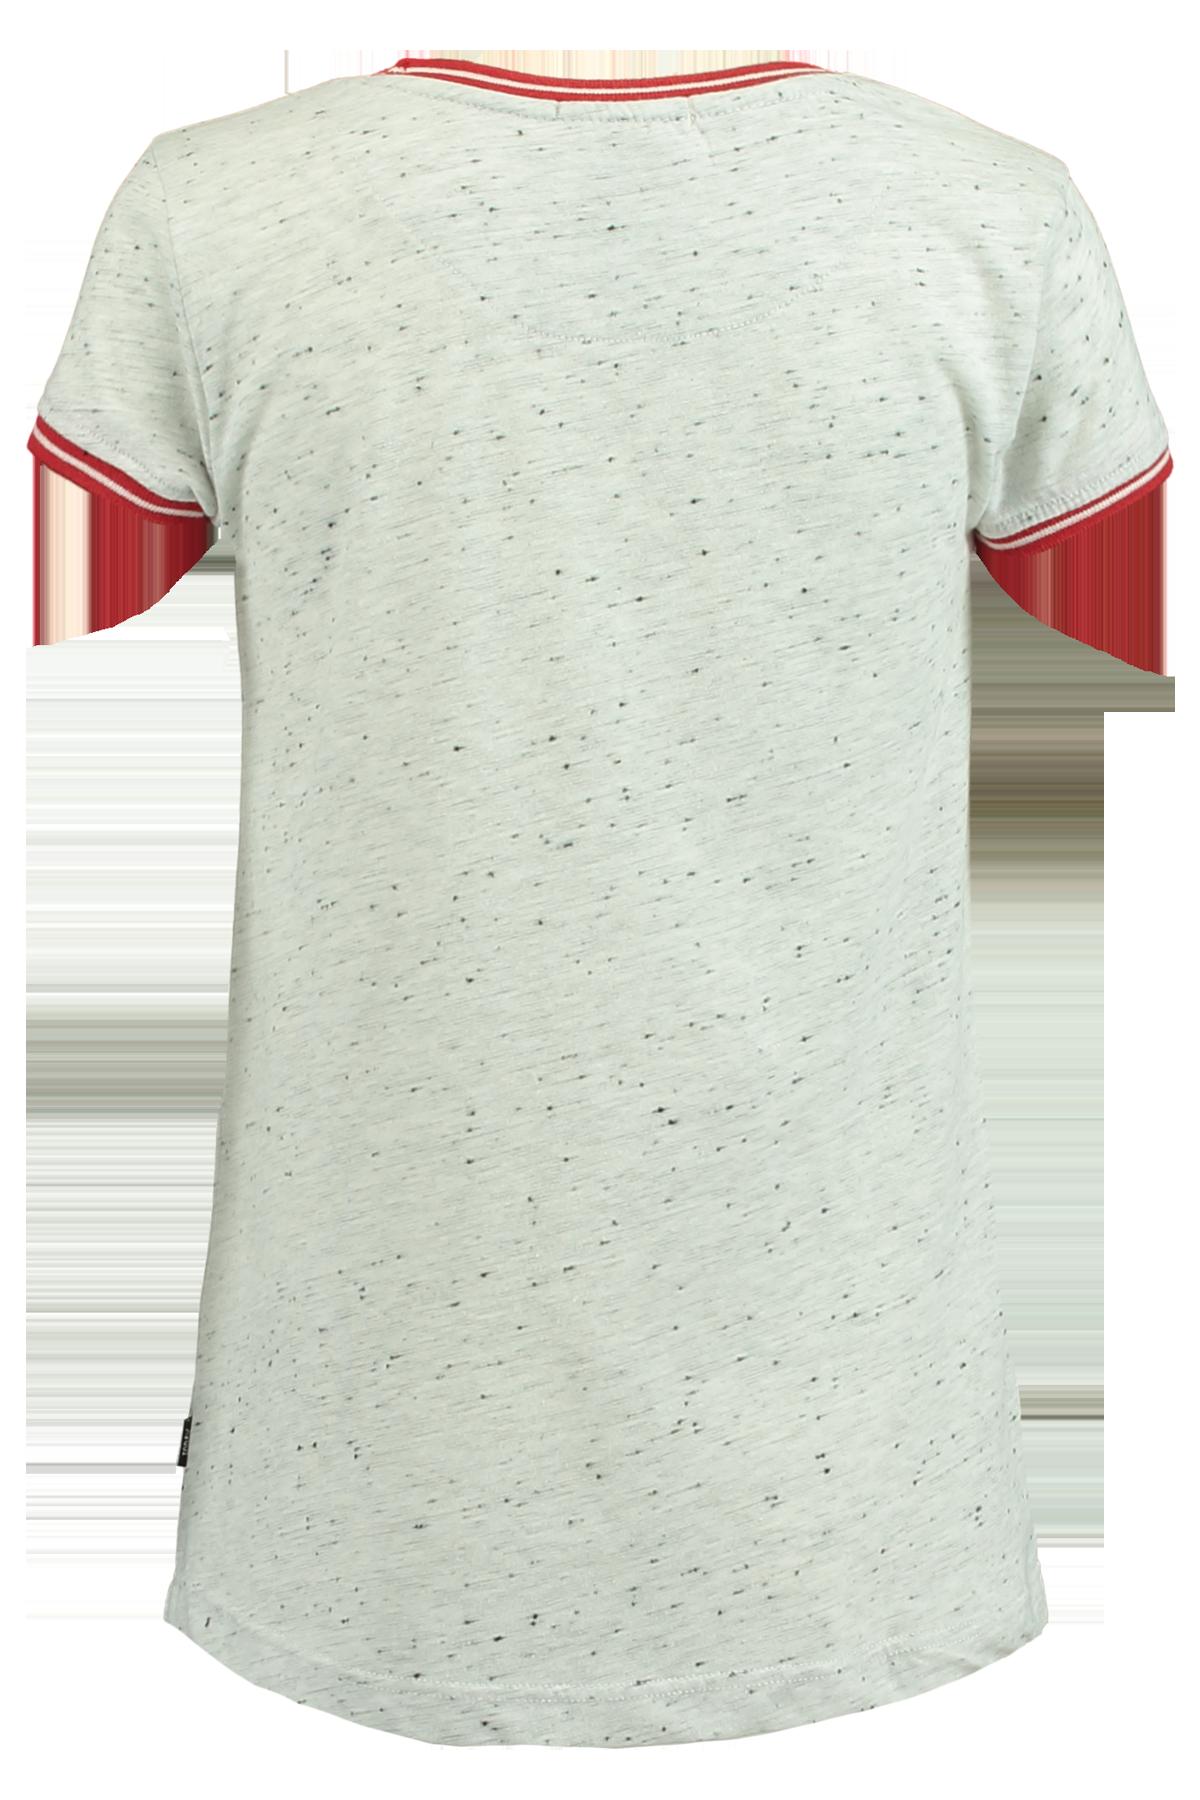 T-shirt Ember Jr.